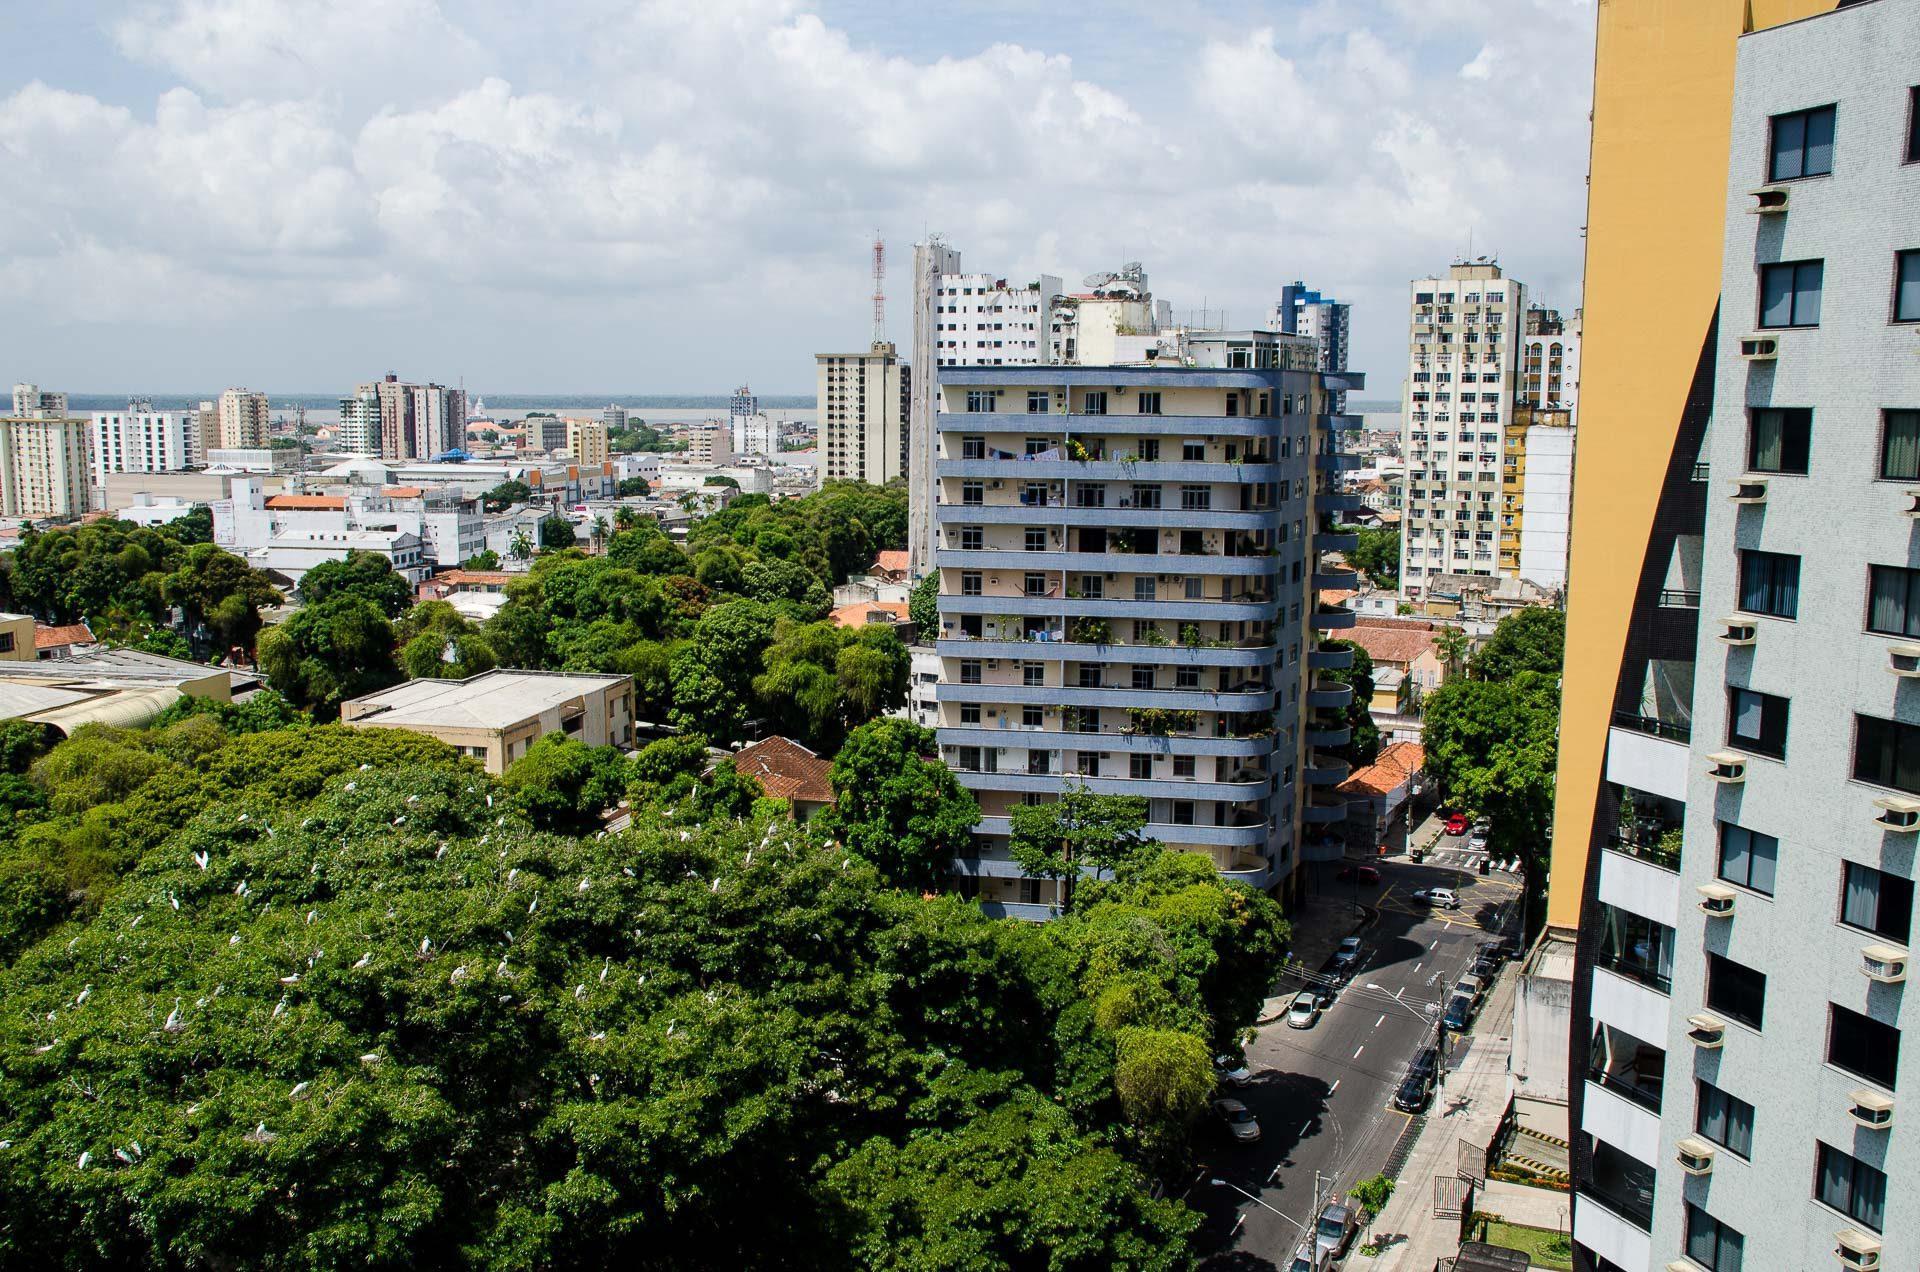 Praça Batista Campos - Belém